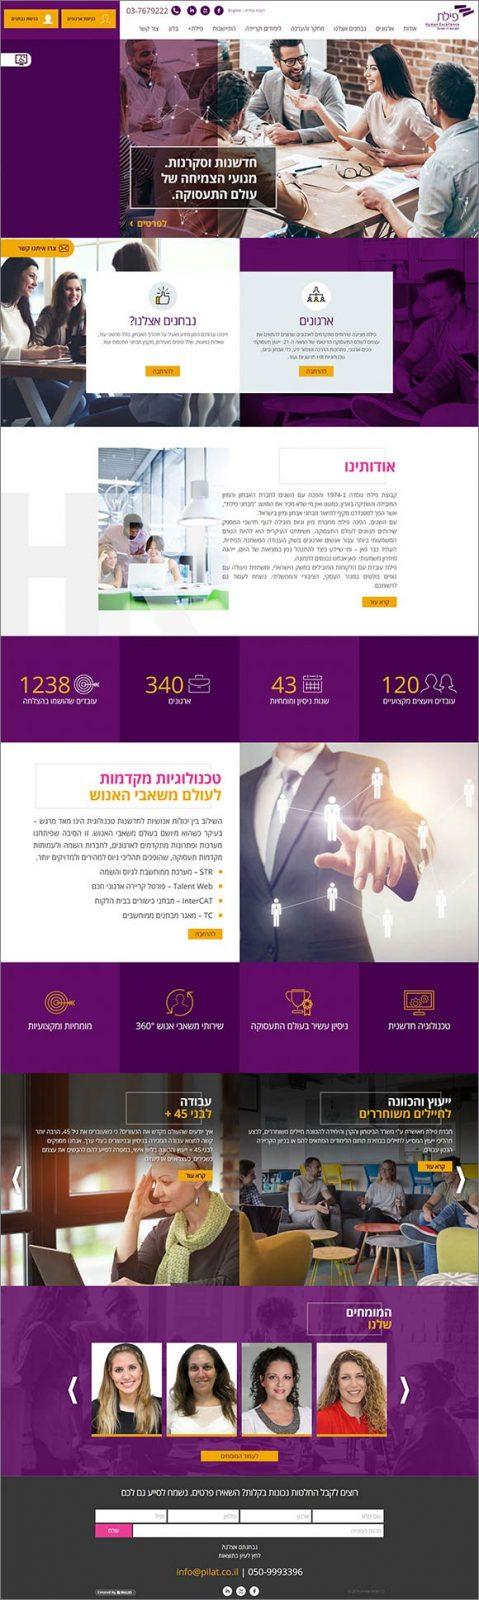 פילת, חברה לפיתוח אתרים, web3d